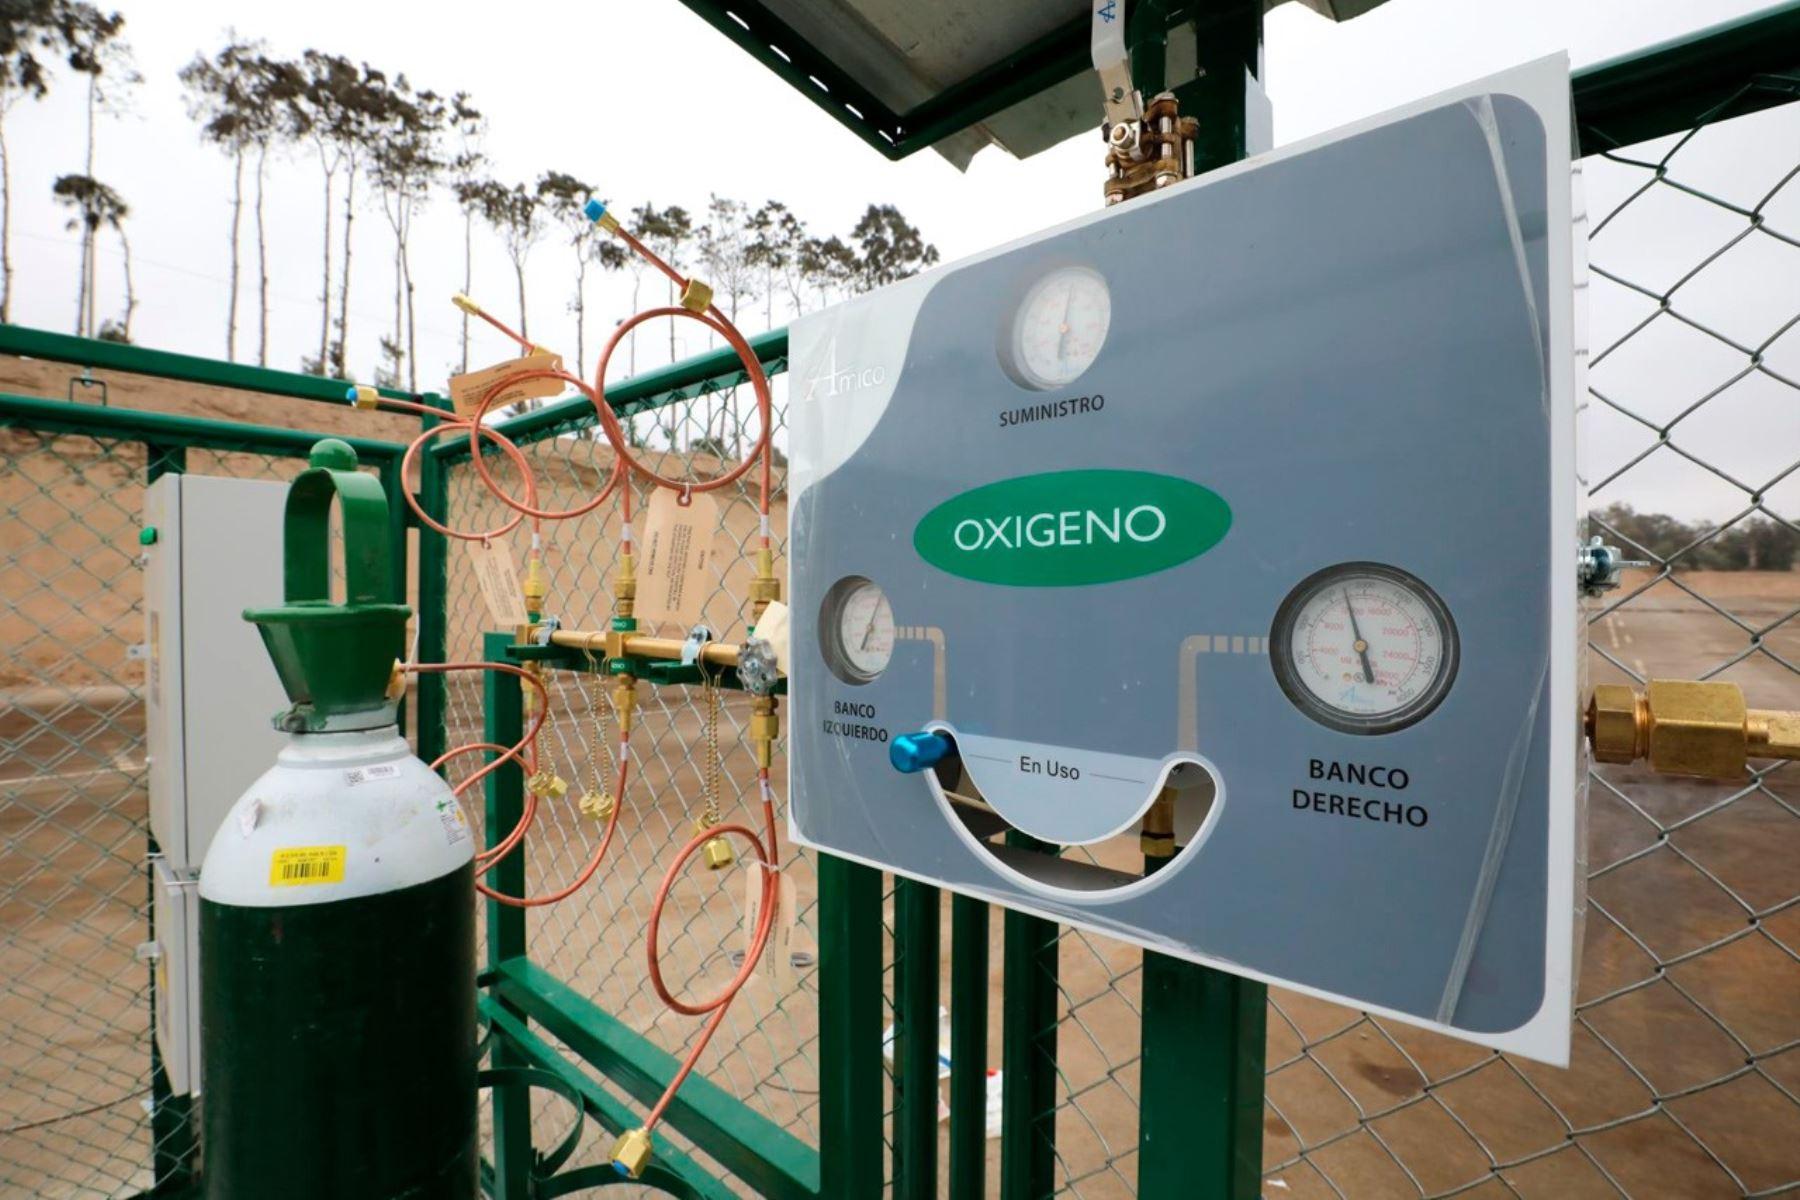 Autoridades regionales de Lima anuncian instalación de isotanques de oxígeno en hospitales de la región para garantizar atención de pacientes con coronavirus. ANDINA/Difusión